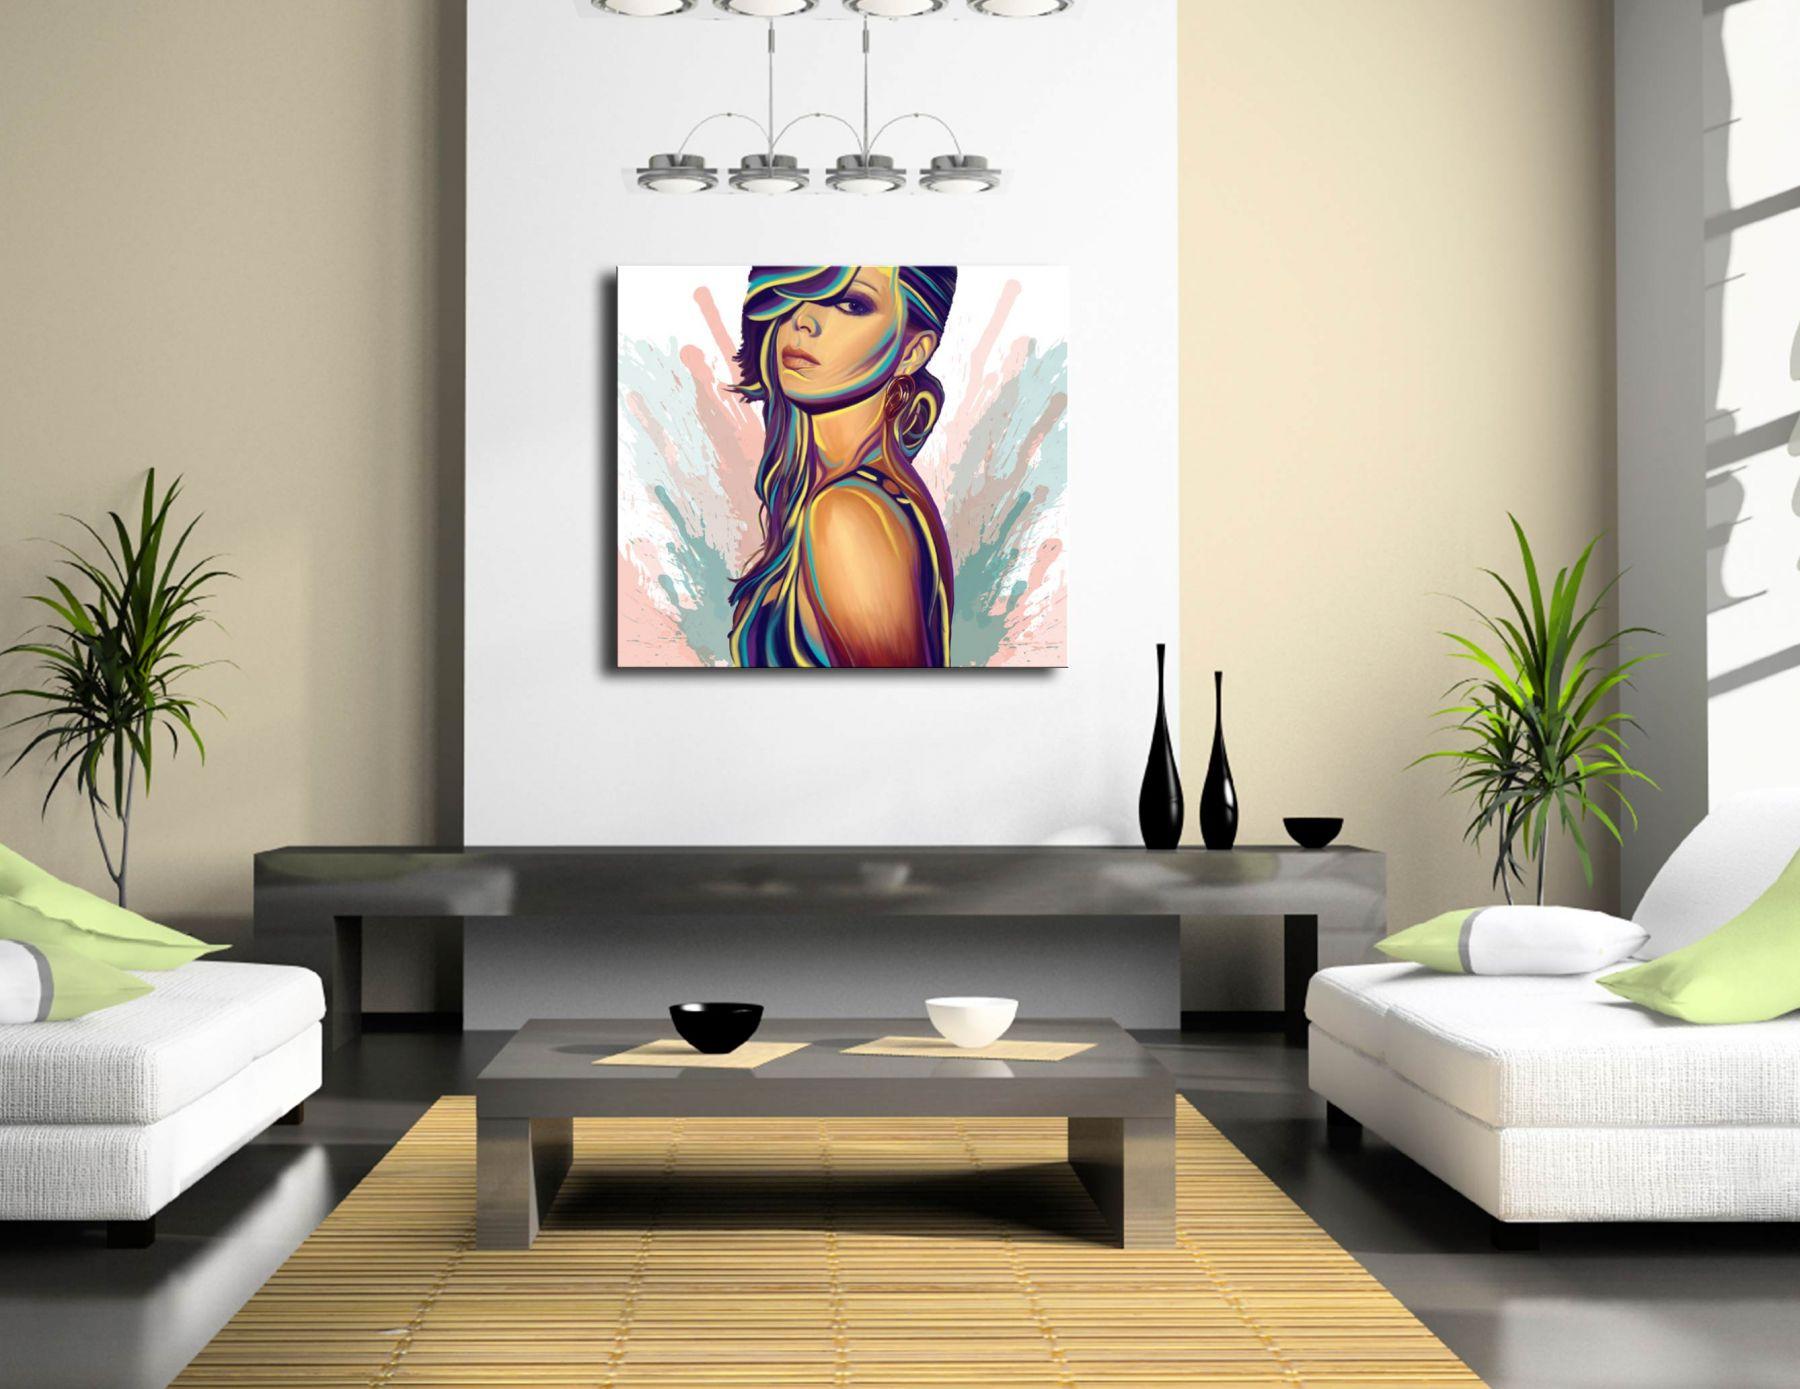 фото постеры и картины для интерьера